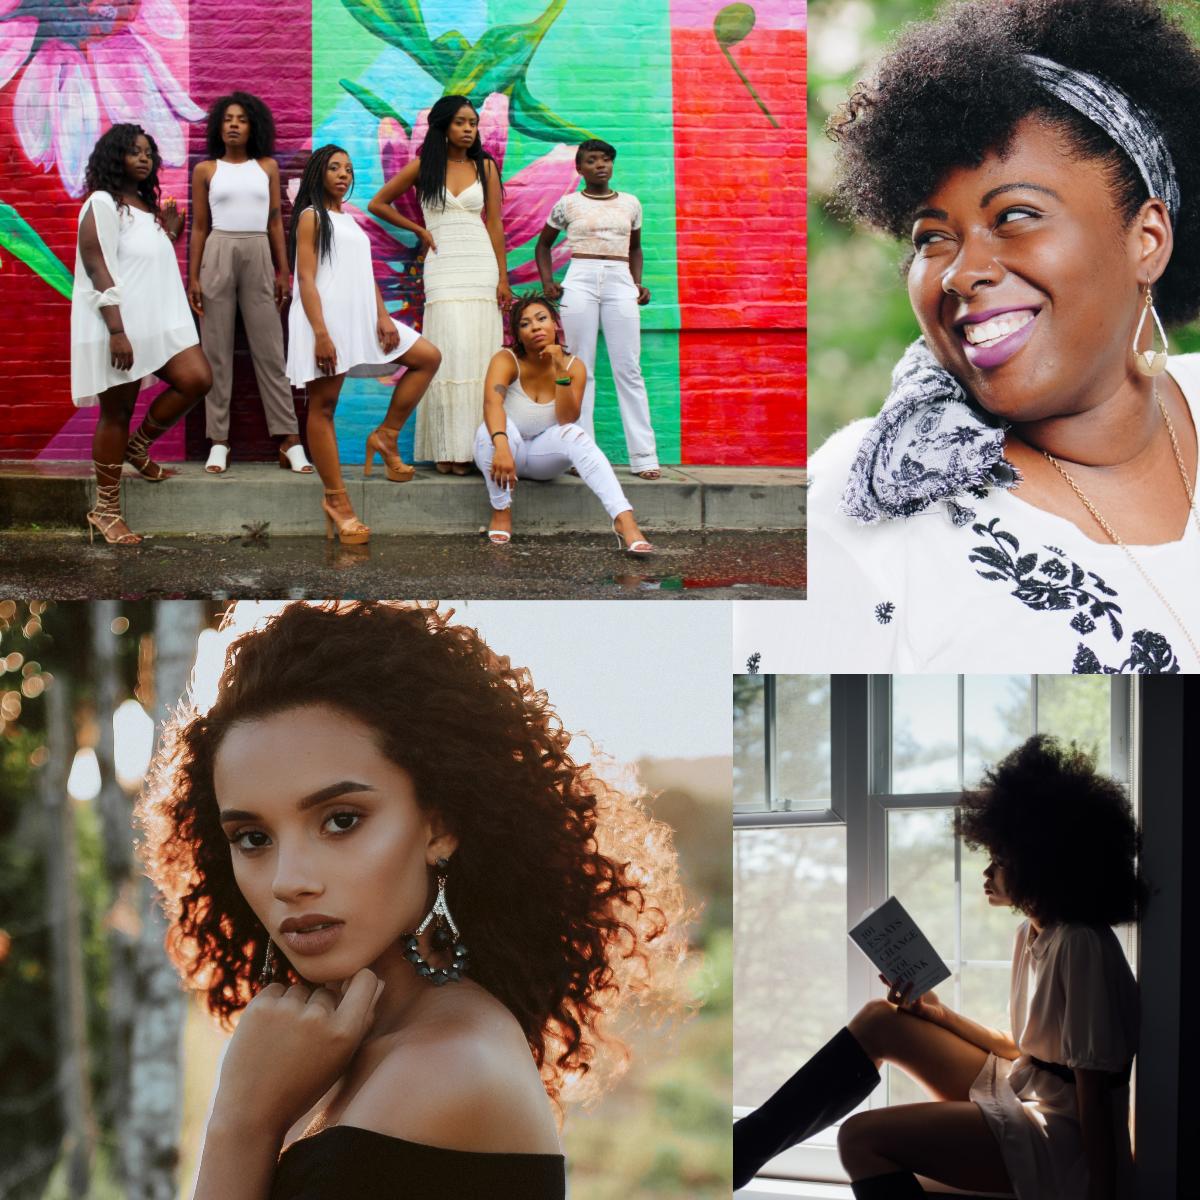 More Black Women Speak on Feminism